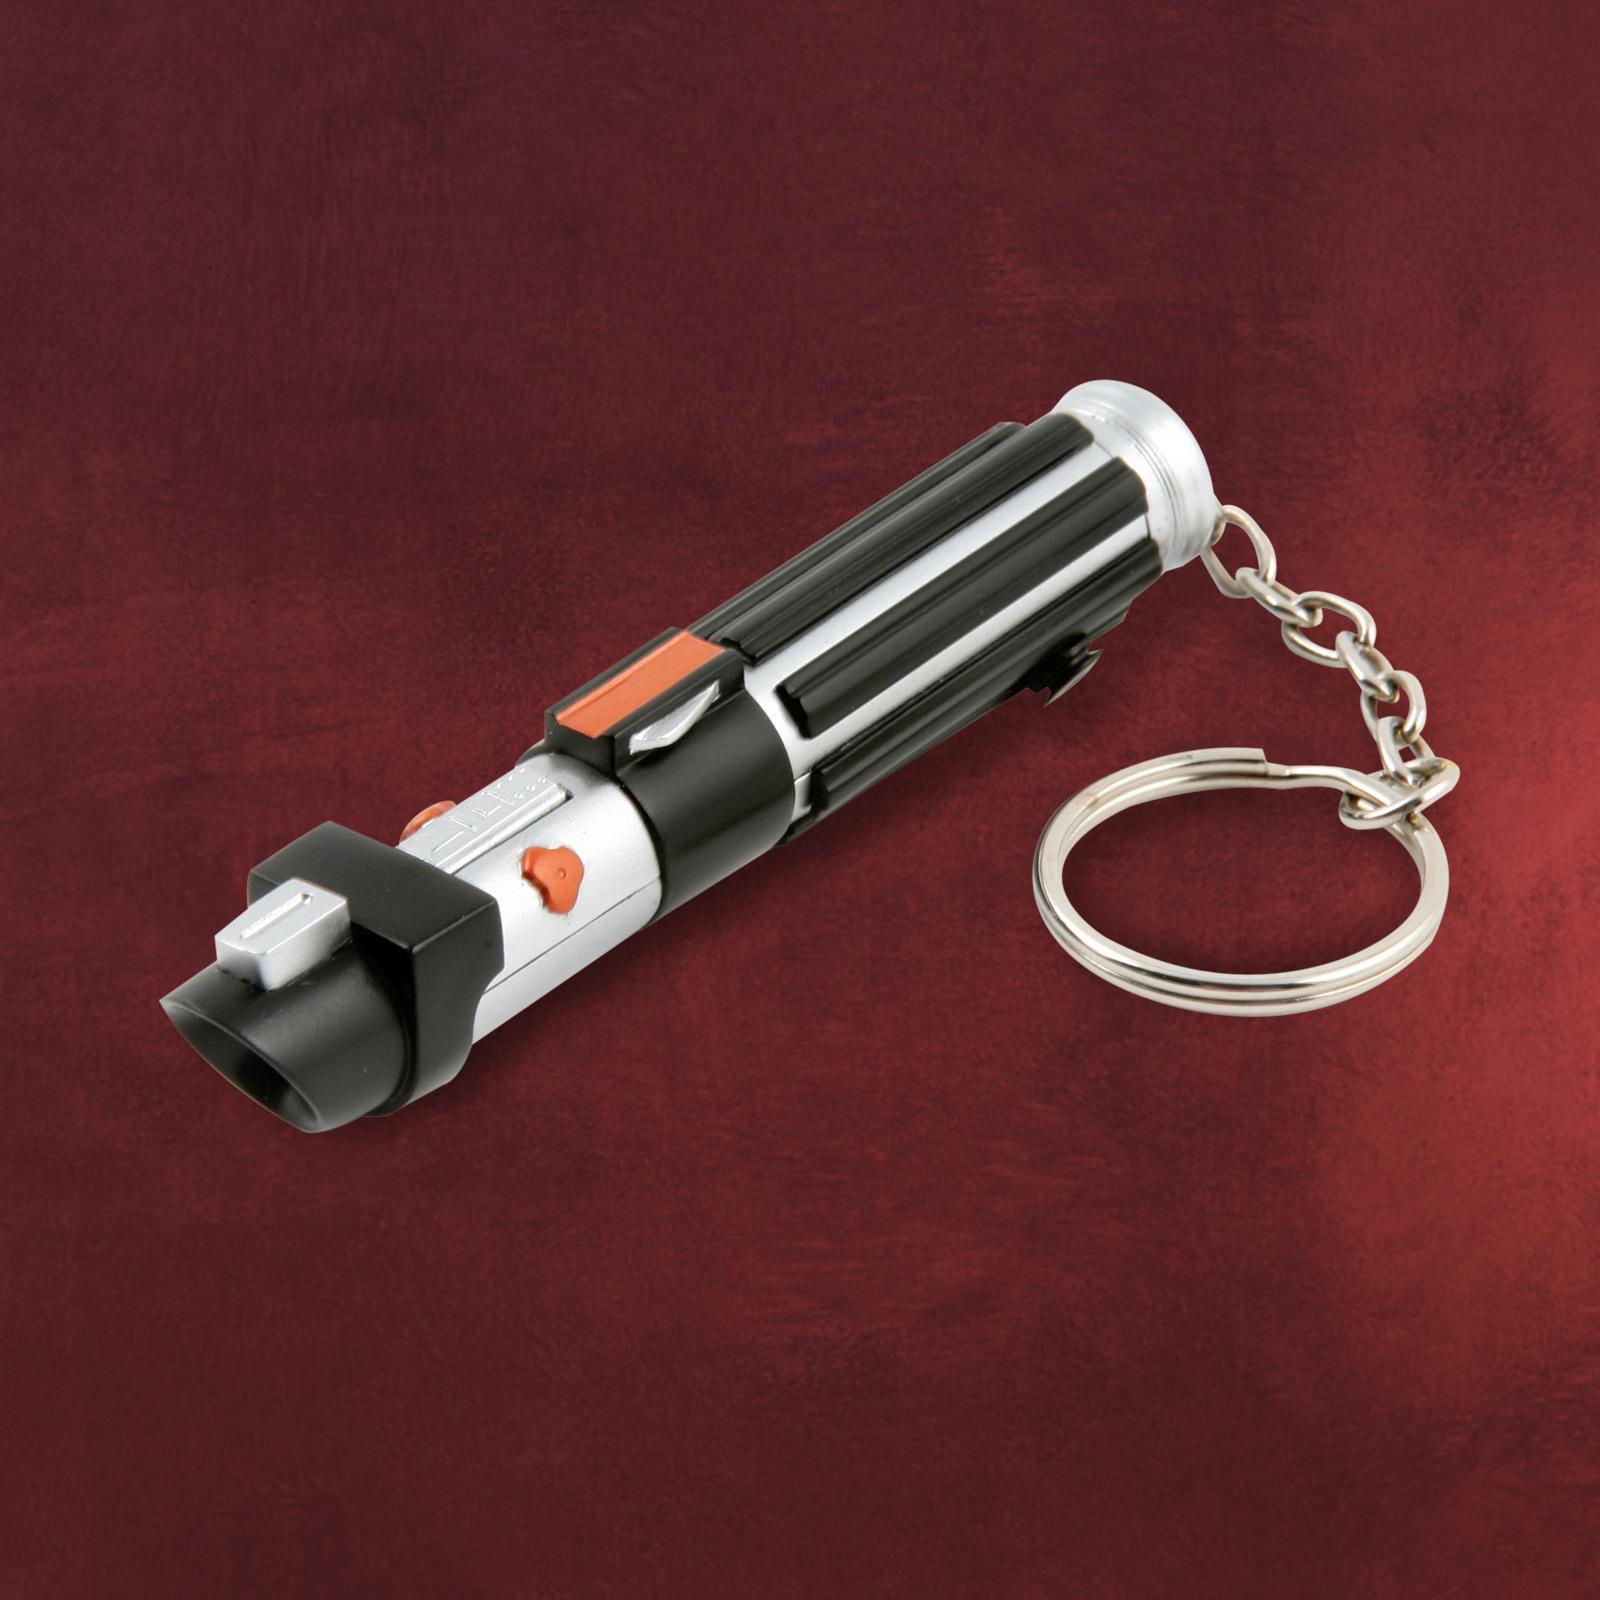 star wars darth vader lichtschwert mini taschenlampe schl sselanh nger 13 cm ebay. Black Bedroom Furniture Sets. Home Design Ideas